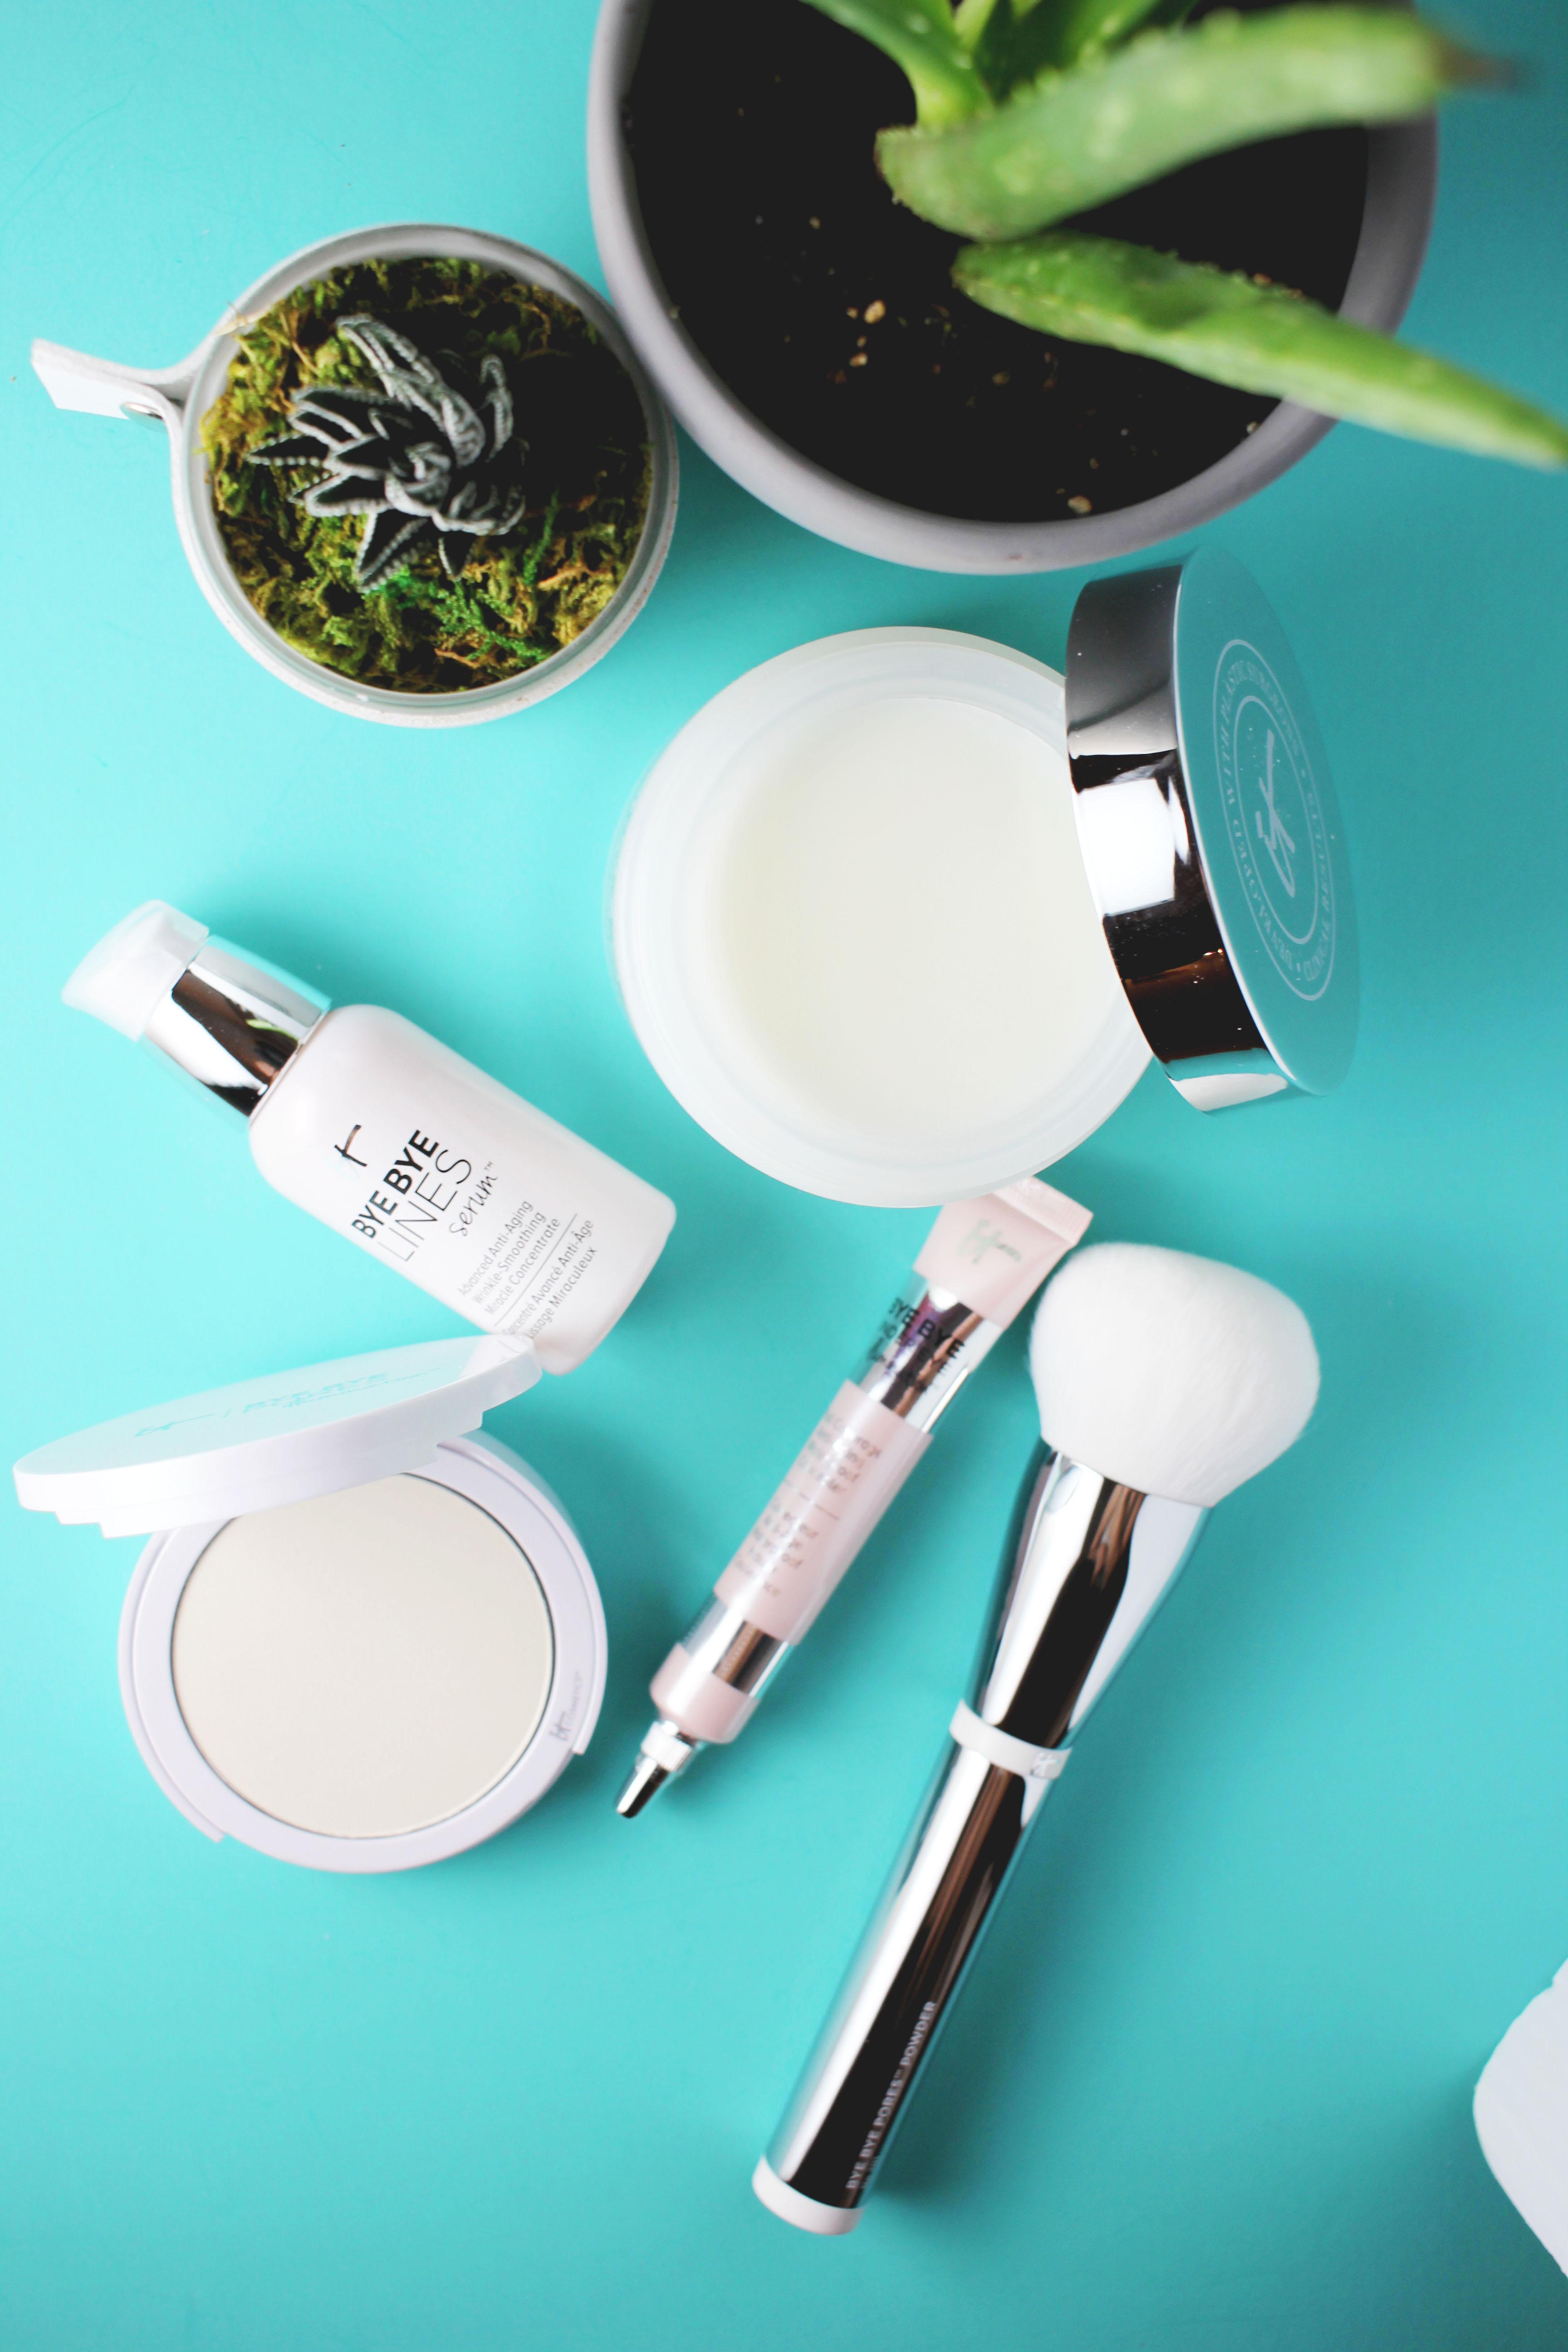 It Cosmetics Bye Bye Pores vs. Bye Bye Pores Illumination